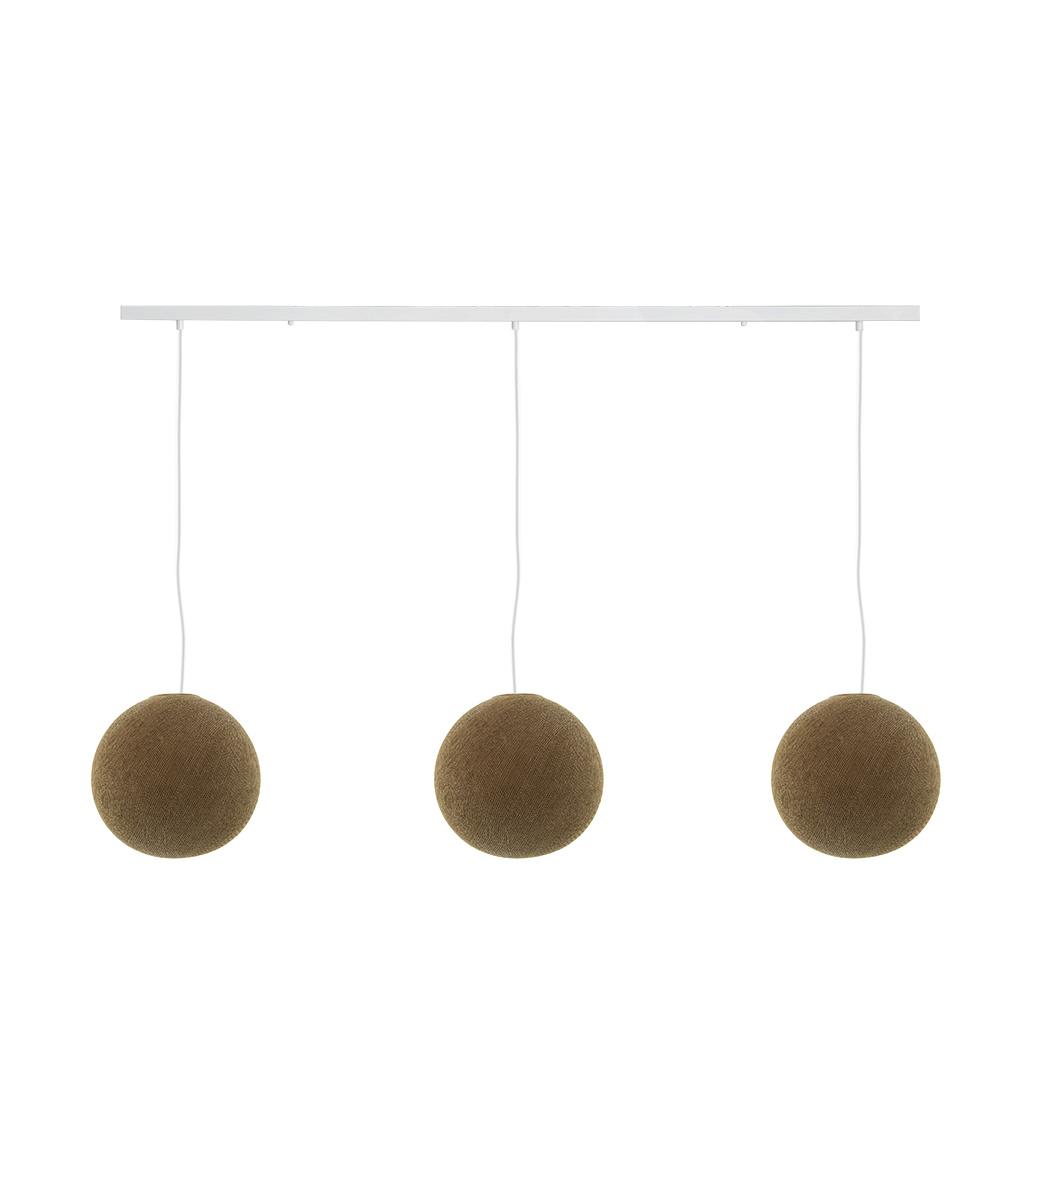 Cotton Ball Lights Drievoudige hanglamp balk - Caffe Latte